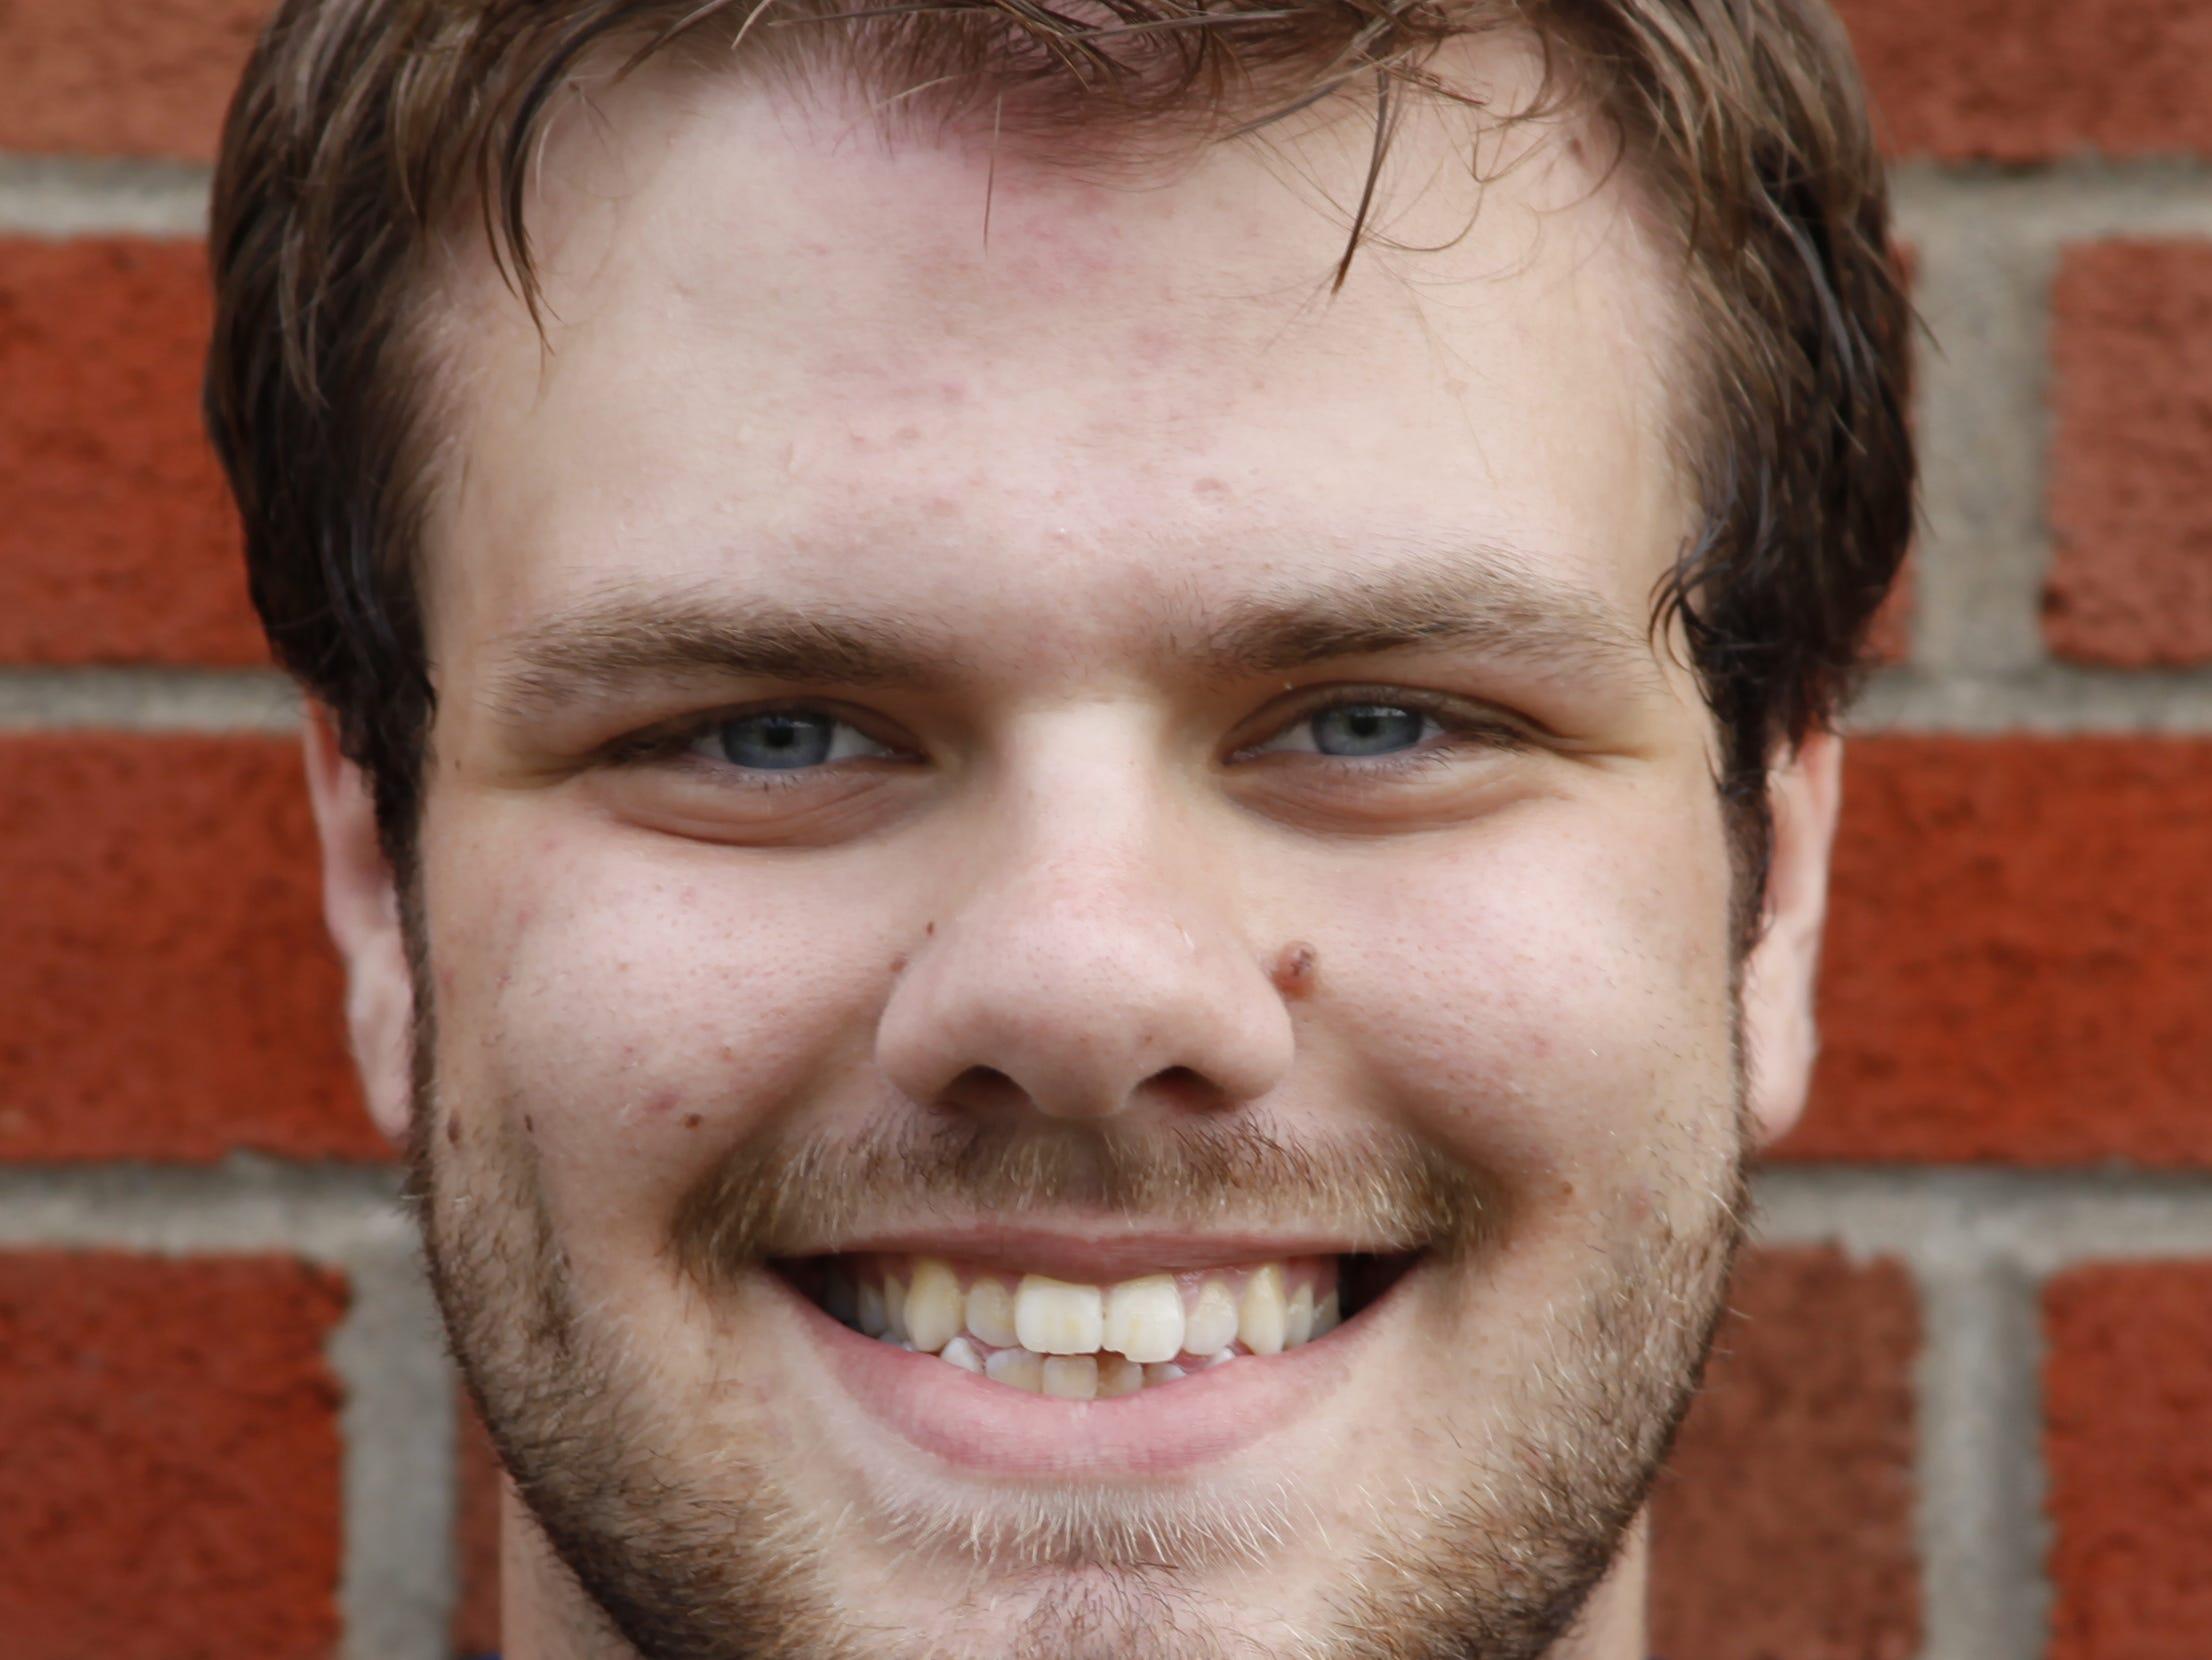 From 2011: Susquehanna Valley football #58 Sam Siskin